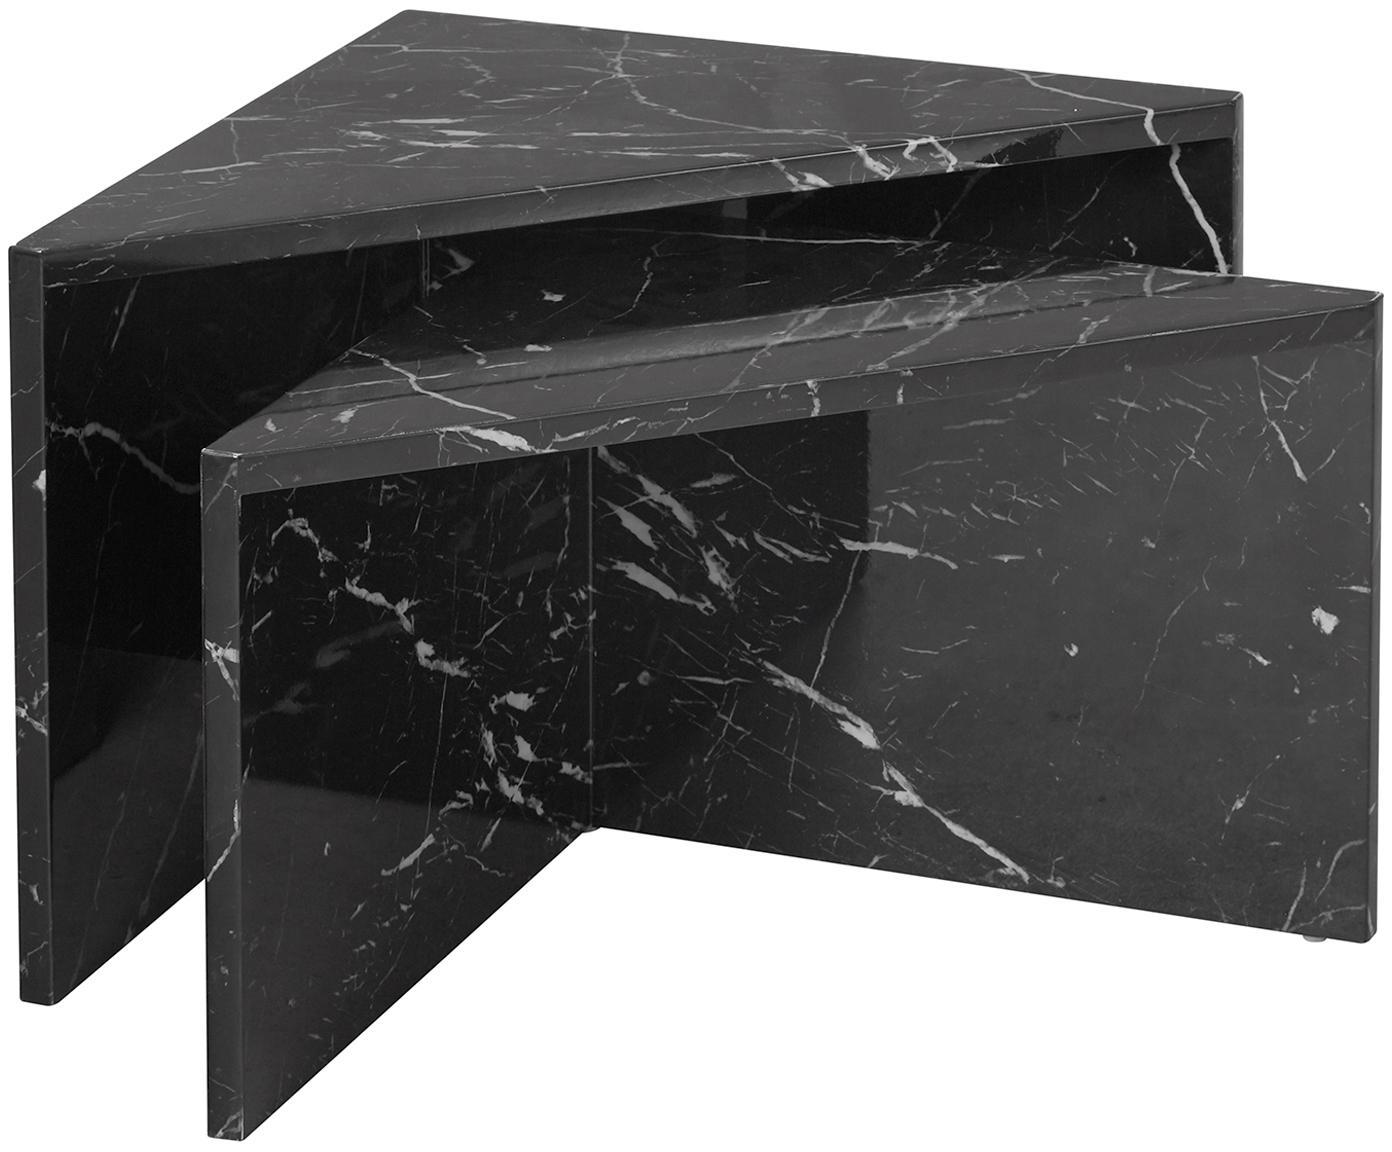 Komplet stolików kawowych Vilma, 2 elem., Płyta pilśniowa średniej gęstości (MDF) pokryta lakierem z wzorem marmurowym, Czarny, wzór marmurowy, błyszczący, Różne rozmiary